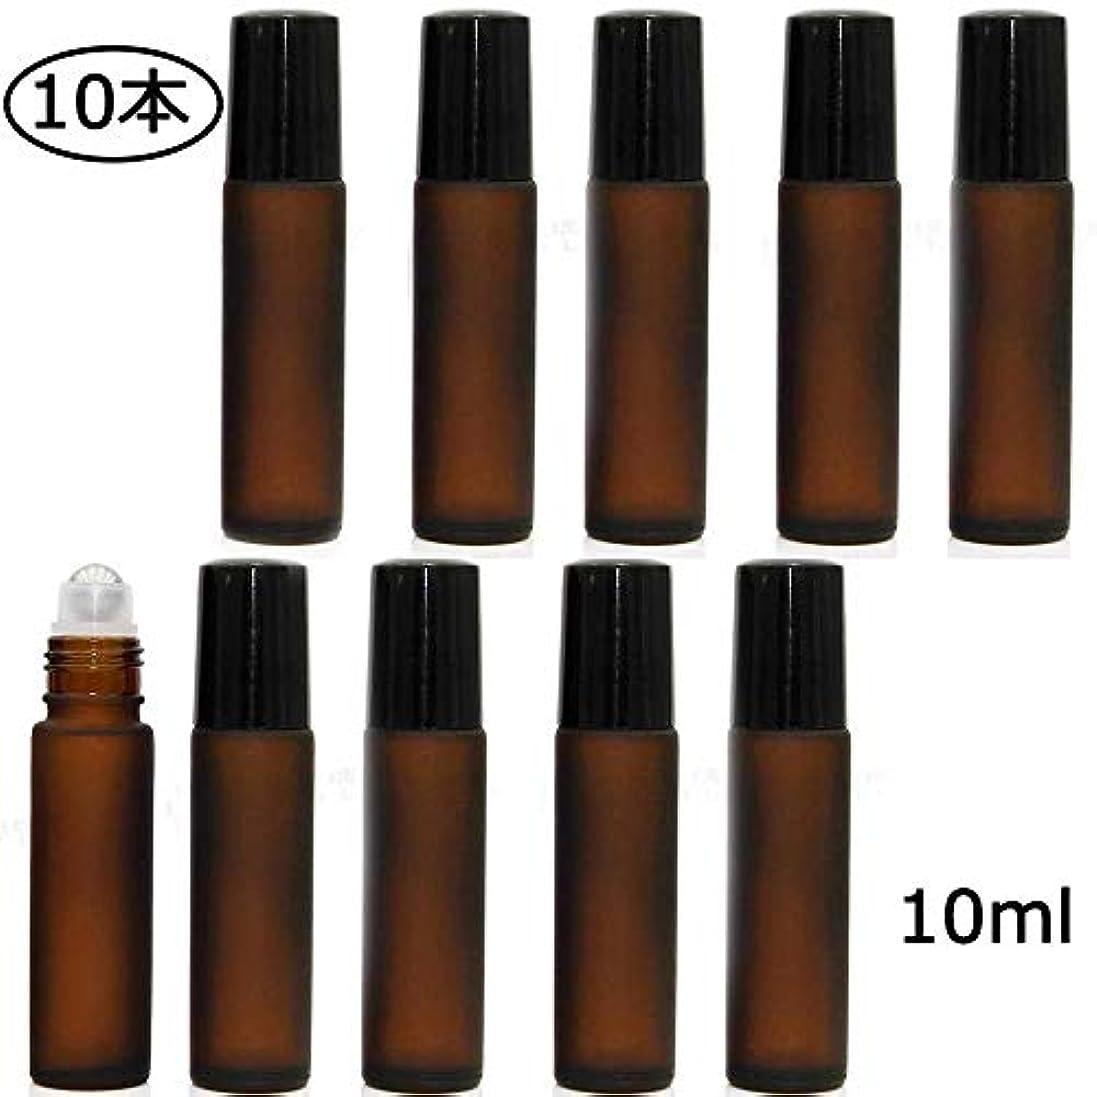 尾閲覧するニコチンgundoop ロールオンボトル アロマオイル 精油 小分け用 遮光瓶 10ml 10本セット ガラスロールタイプ (茶色)